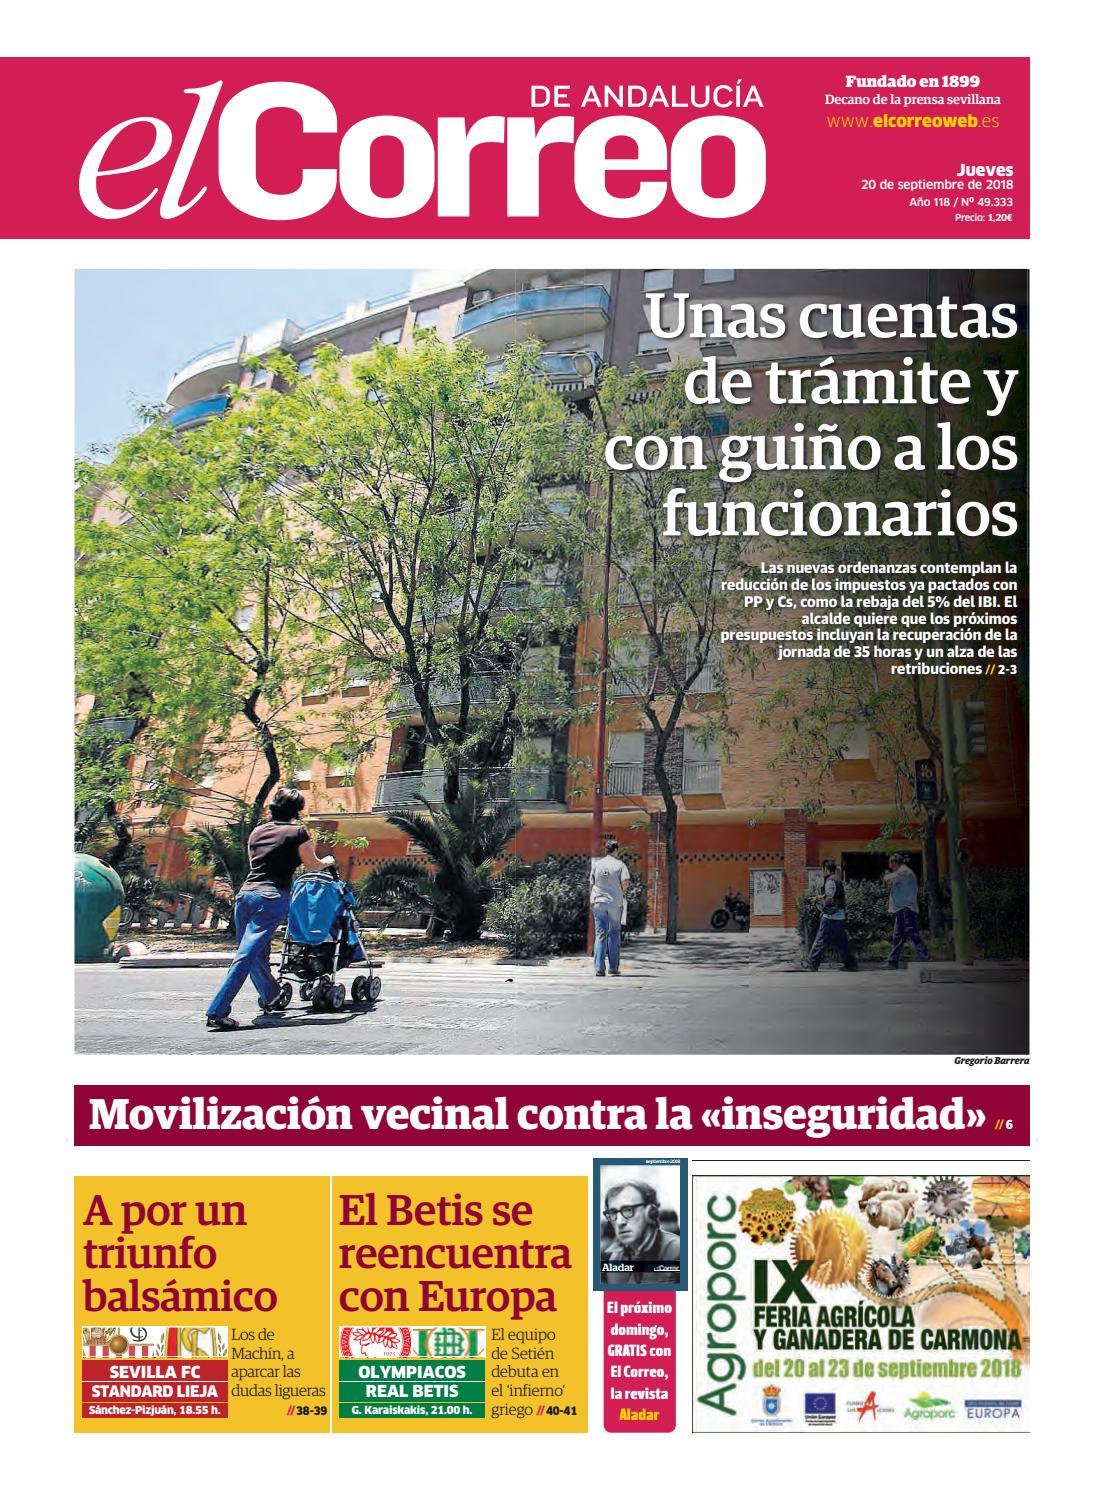 20.09.2018 El Correo de Andalucía by EL CORREO DE ANDALUCÍA S.L. - issuu 164ba55776ba4